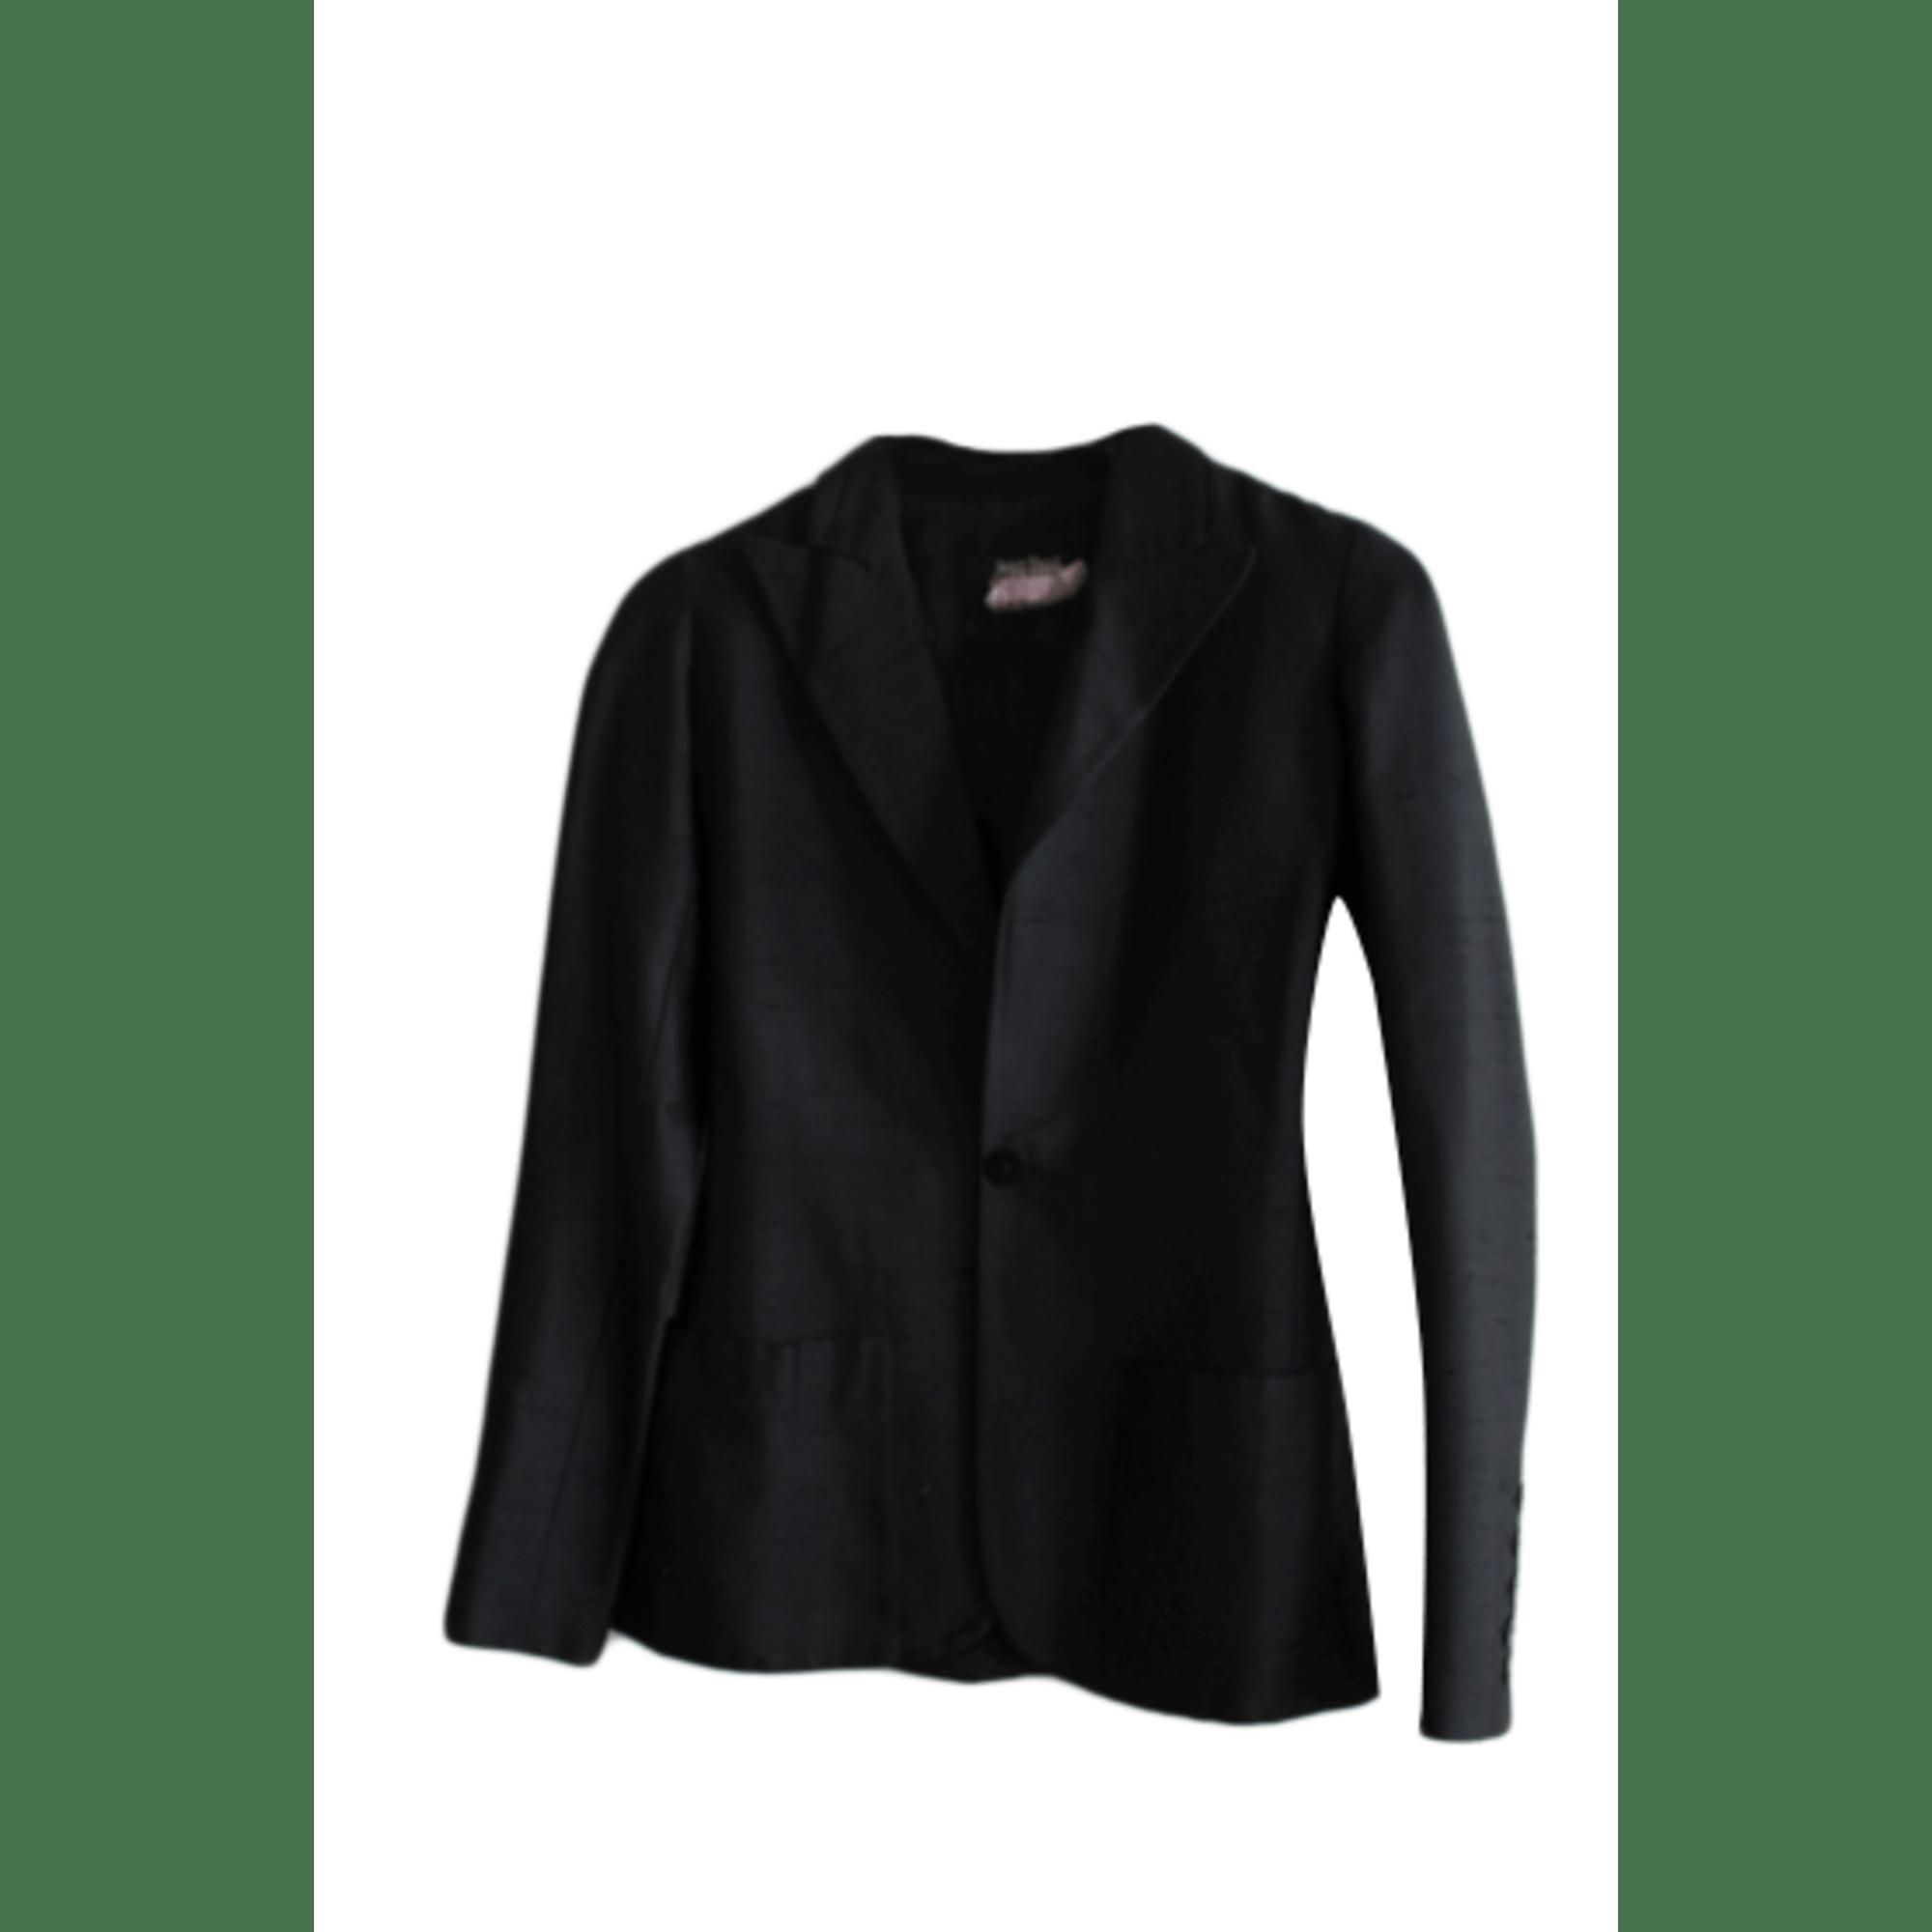 Blazer, veste tailleur JEAN PAUL GAULTIER Noir